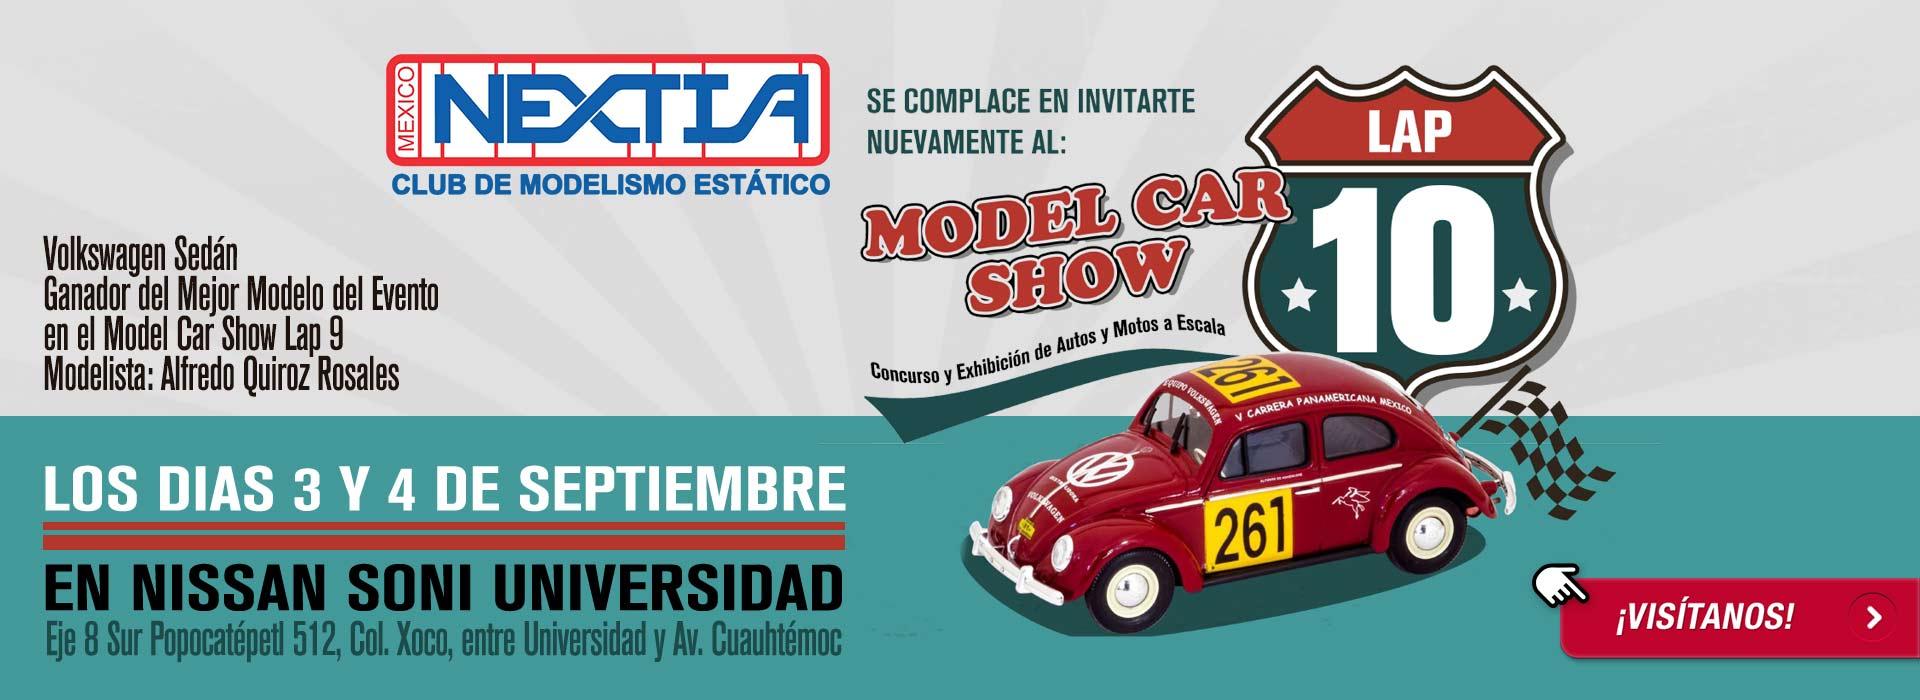 Participa en el Model Car Show 10